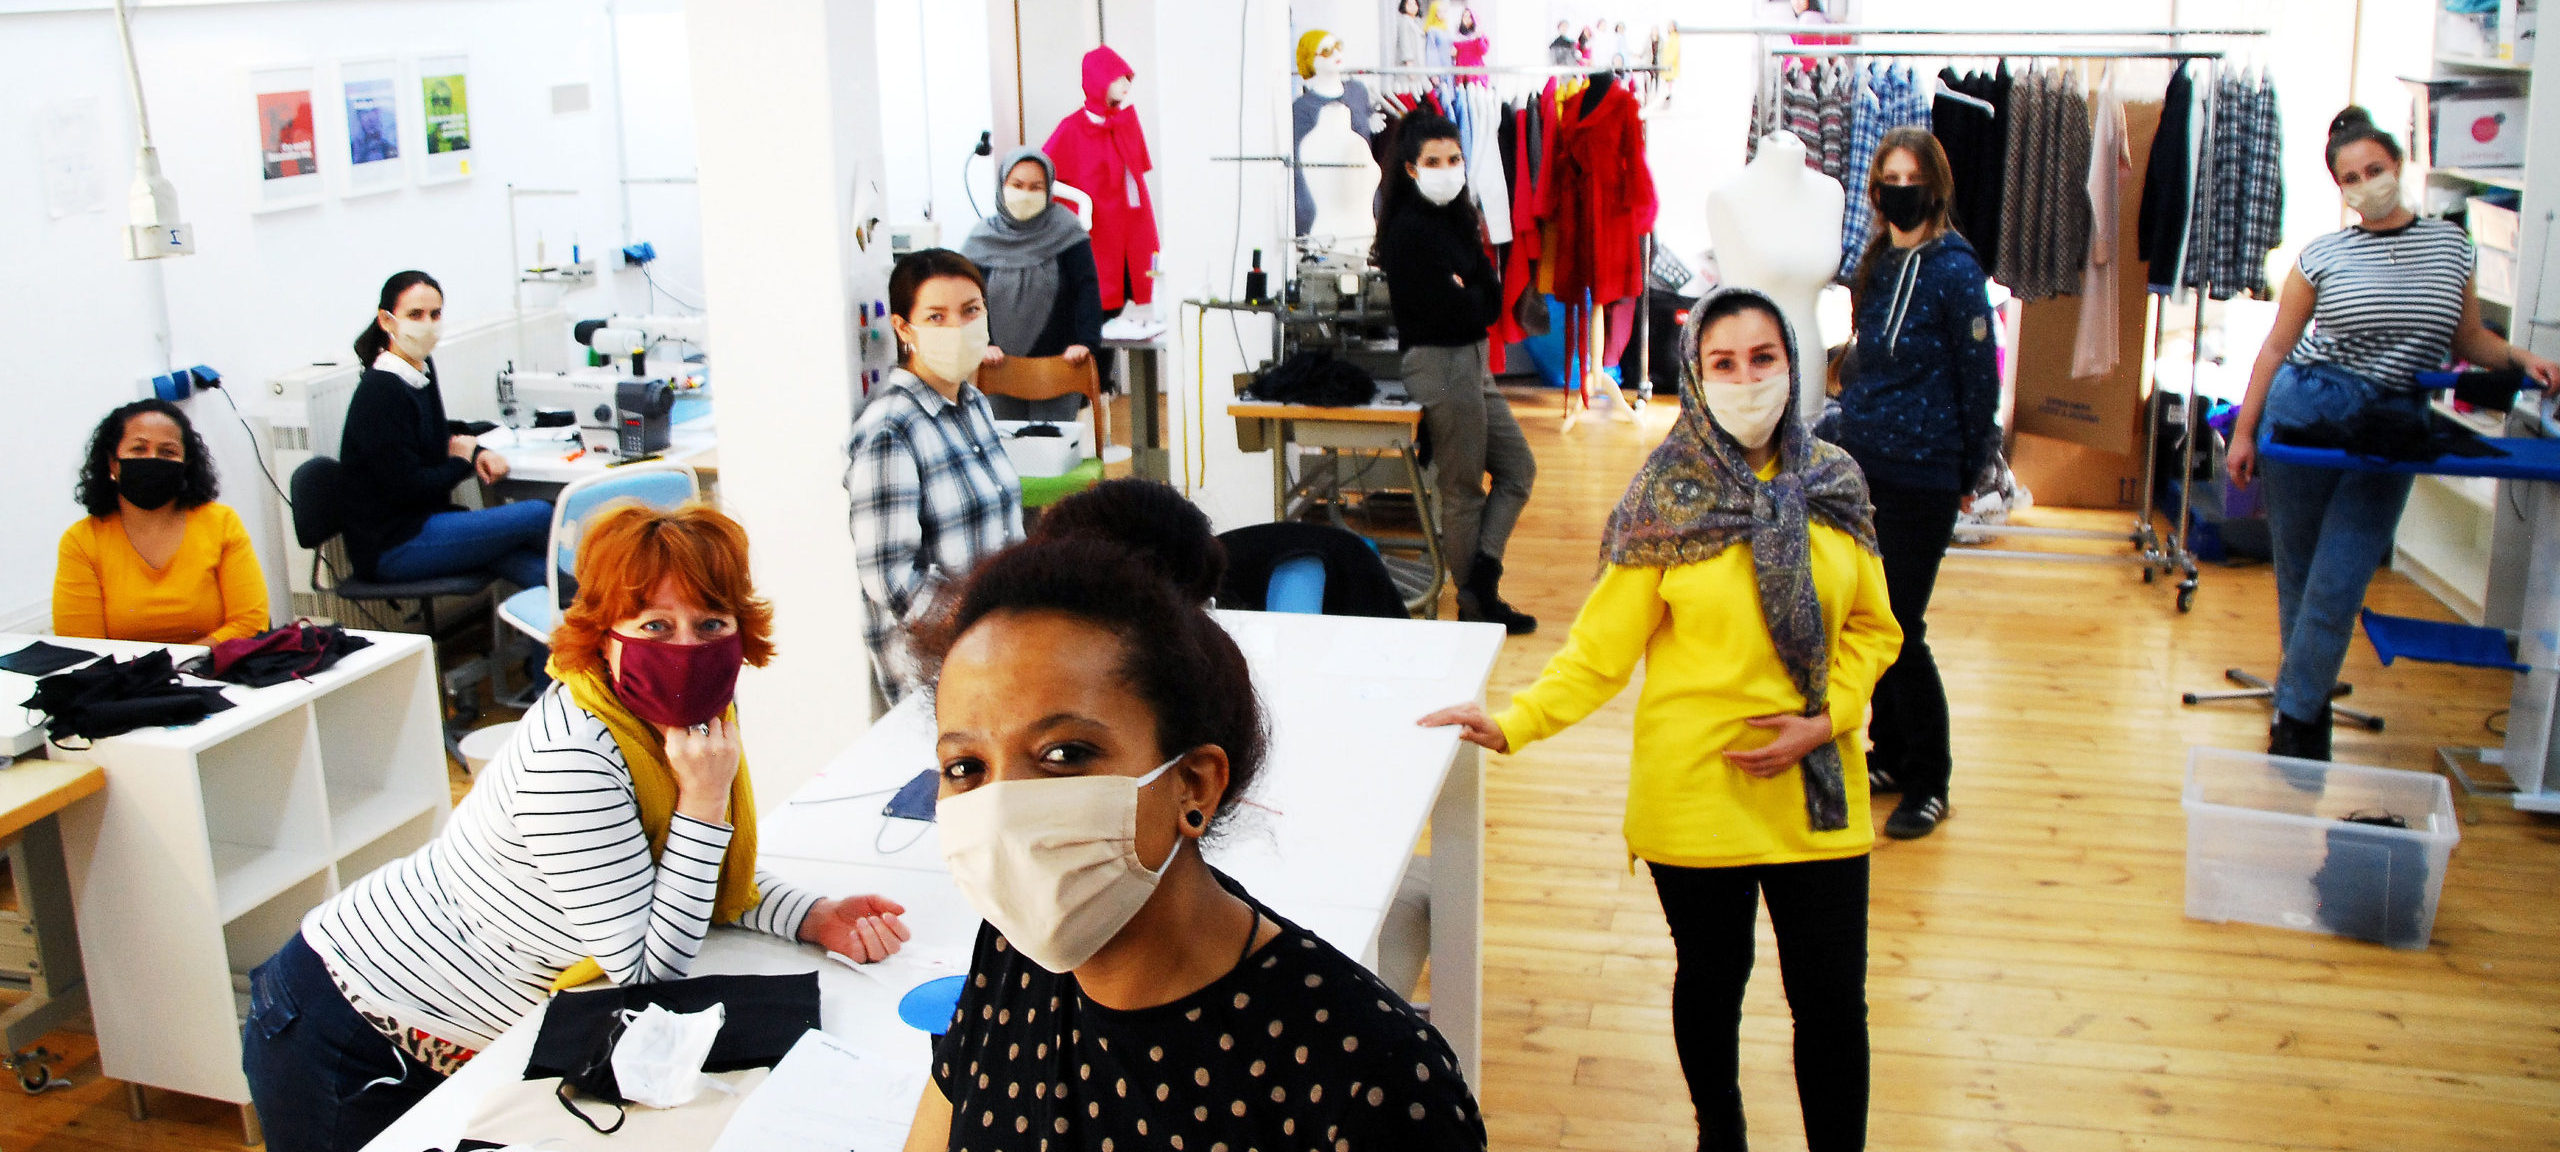 Werkstatt der Mund-Nasen-Schutz Produktion